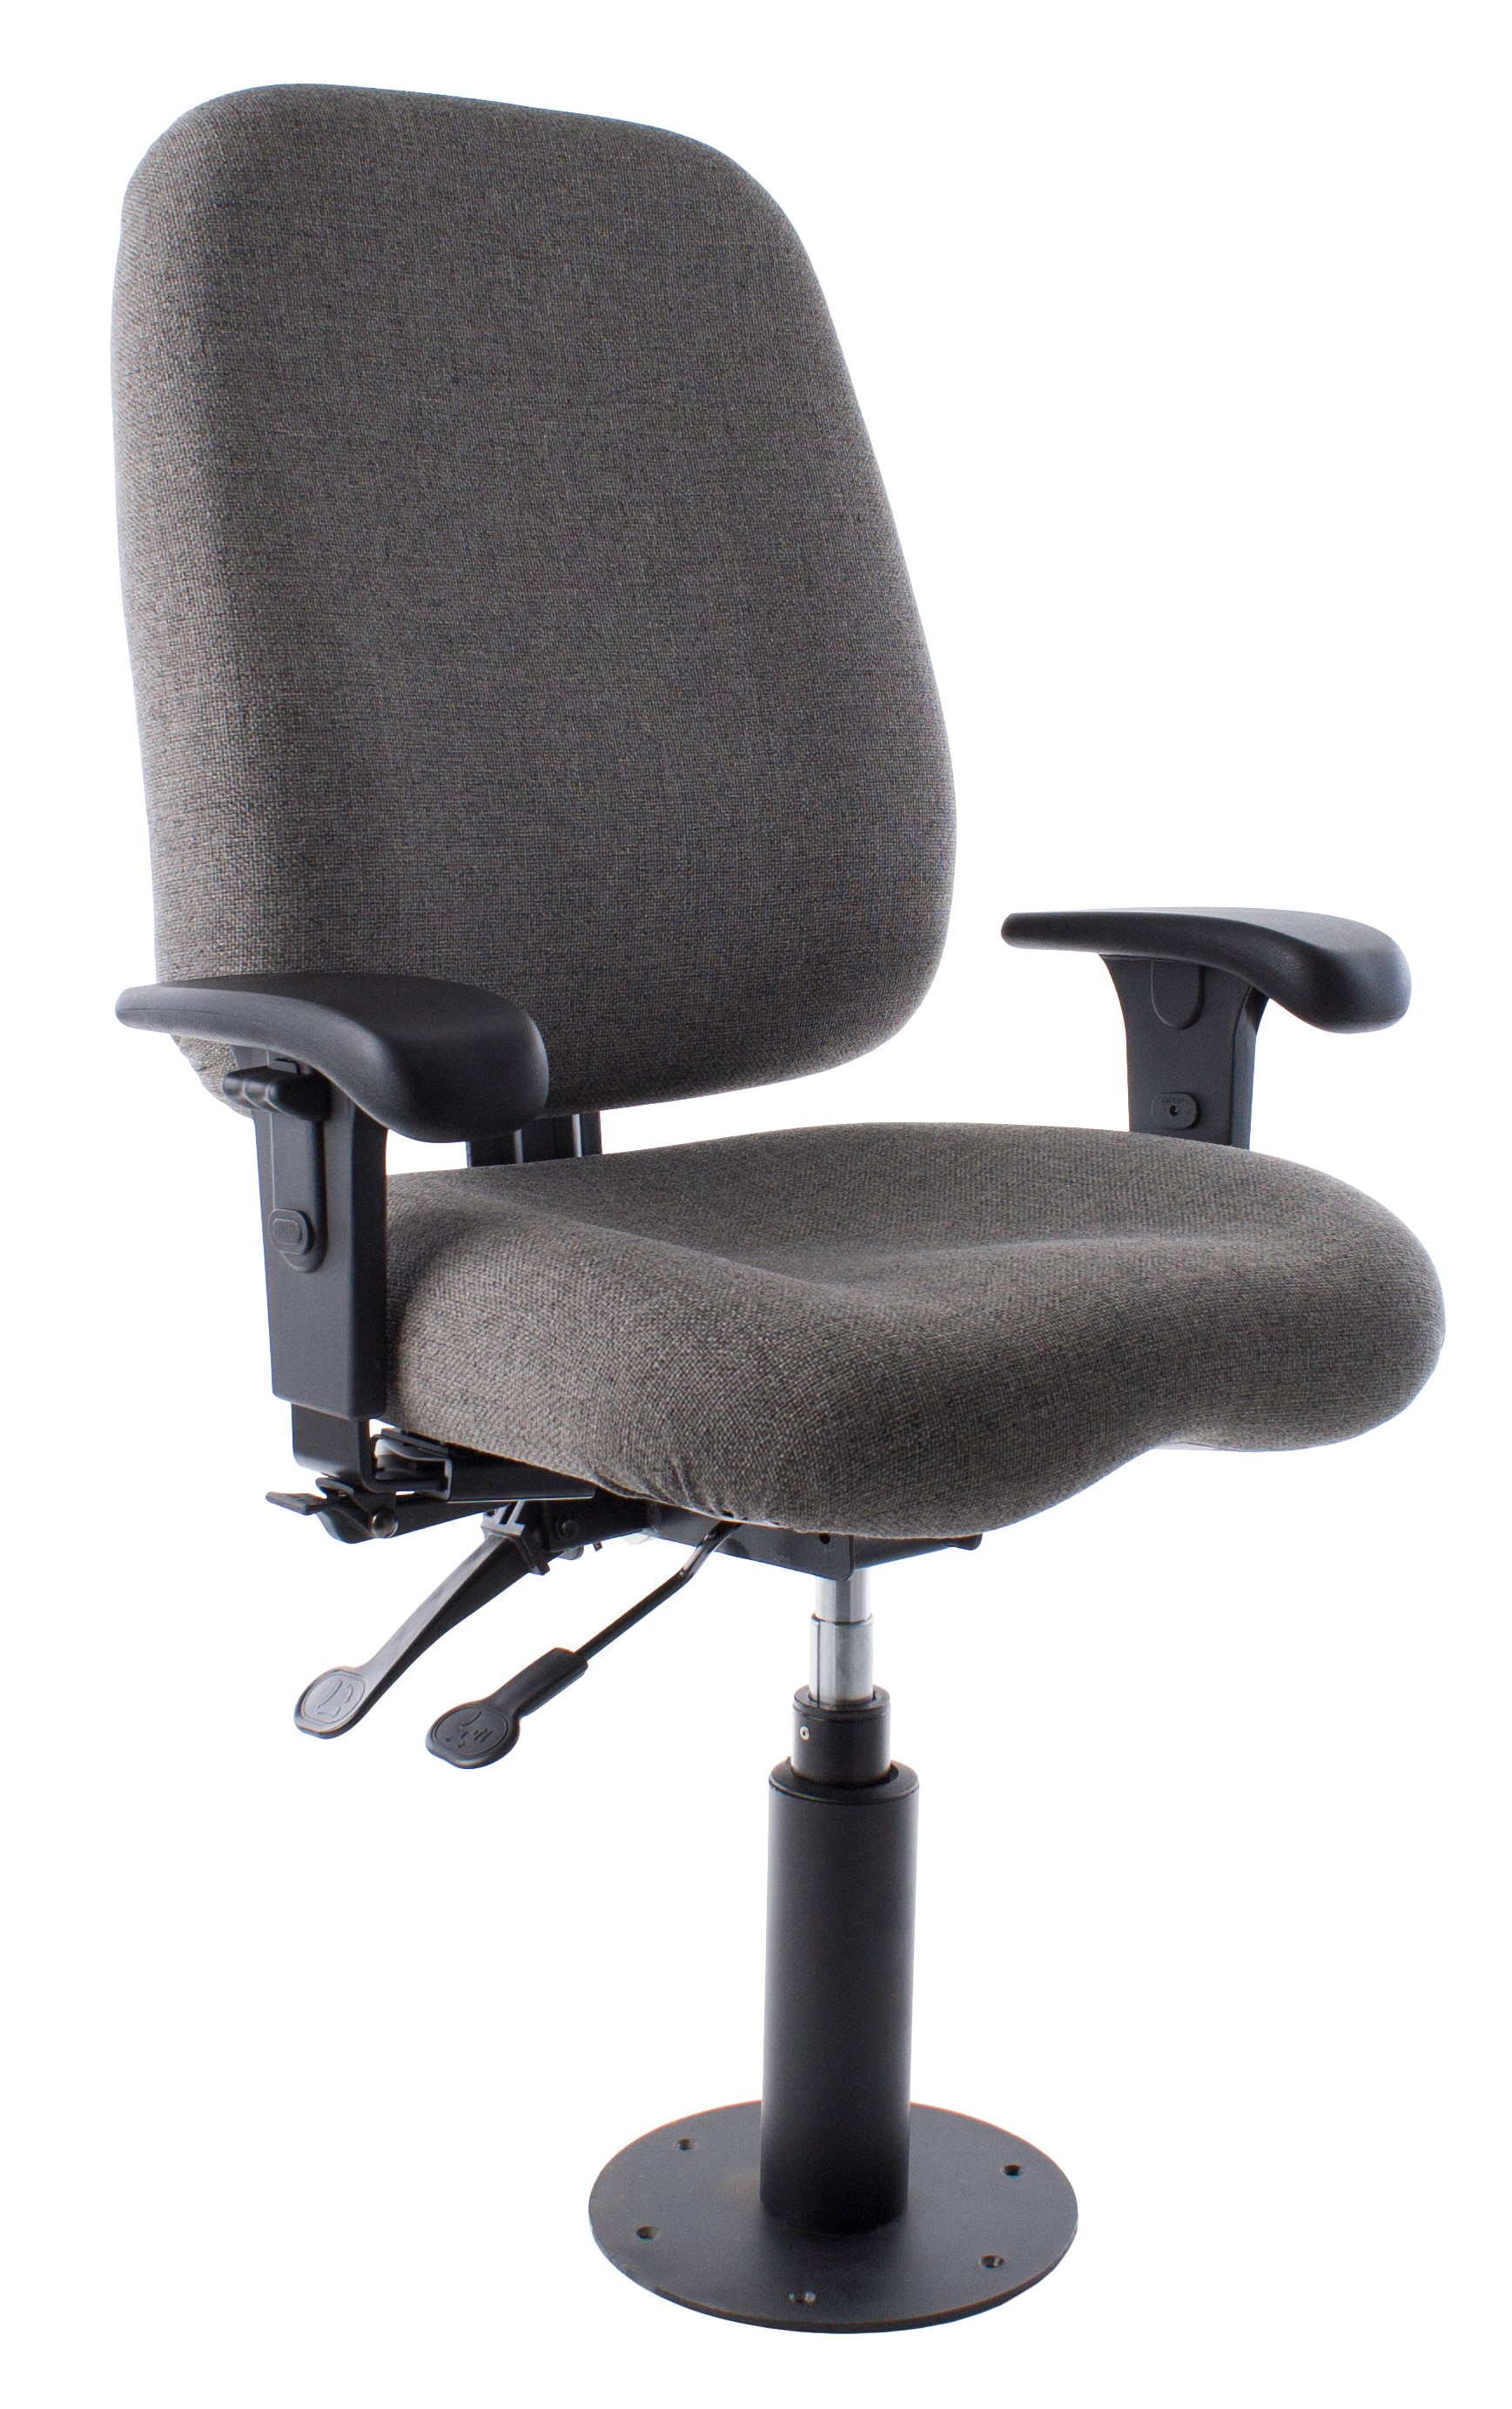 Sliding Seat Base